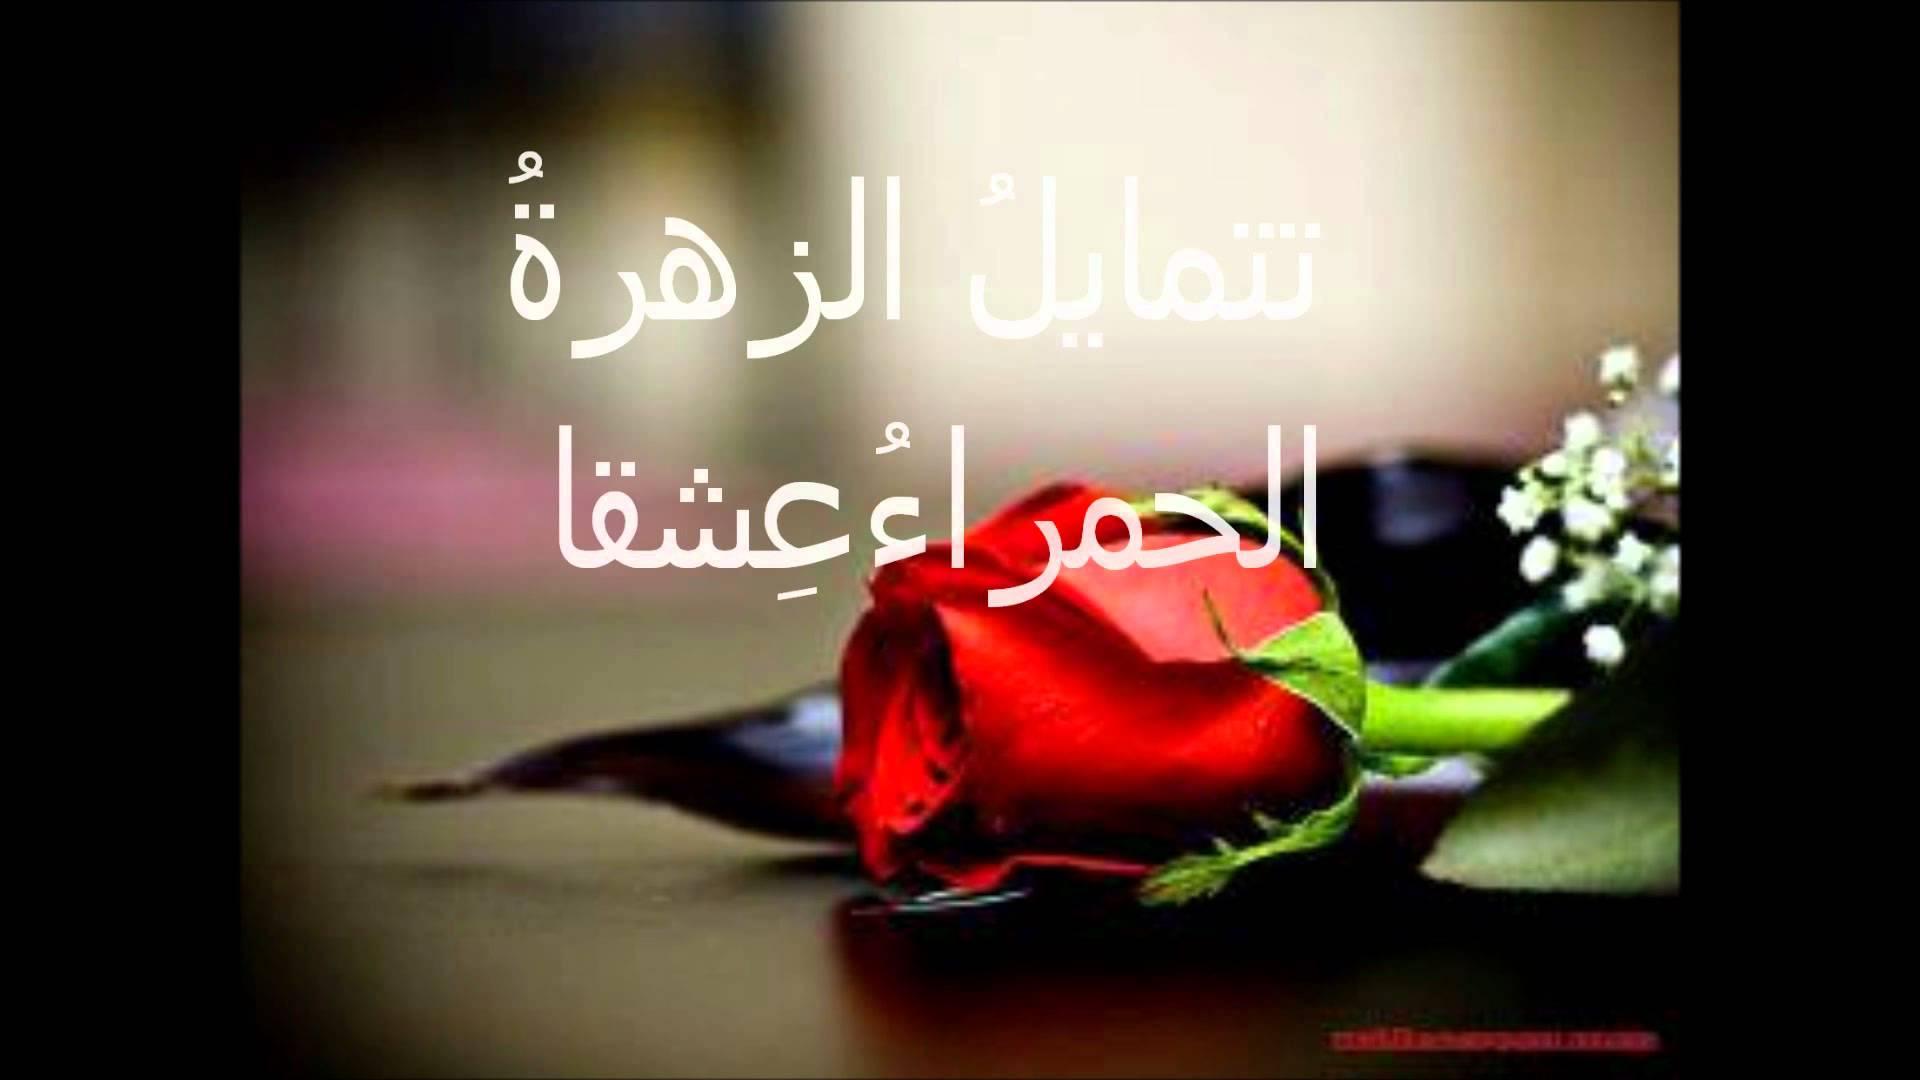 بالصور خواطر عن الورد , الورد و اهميته فى حياتنا 4190 6